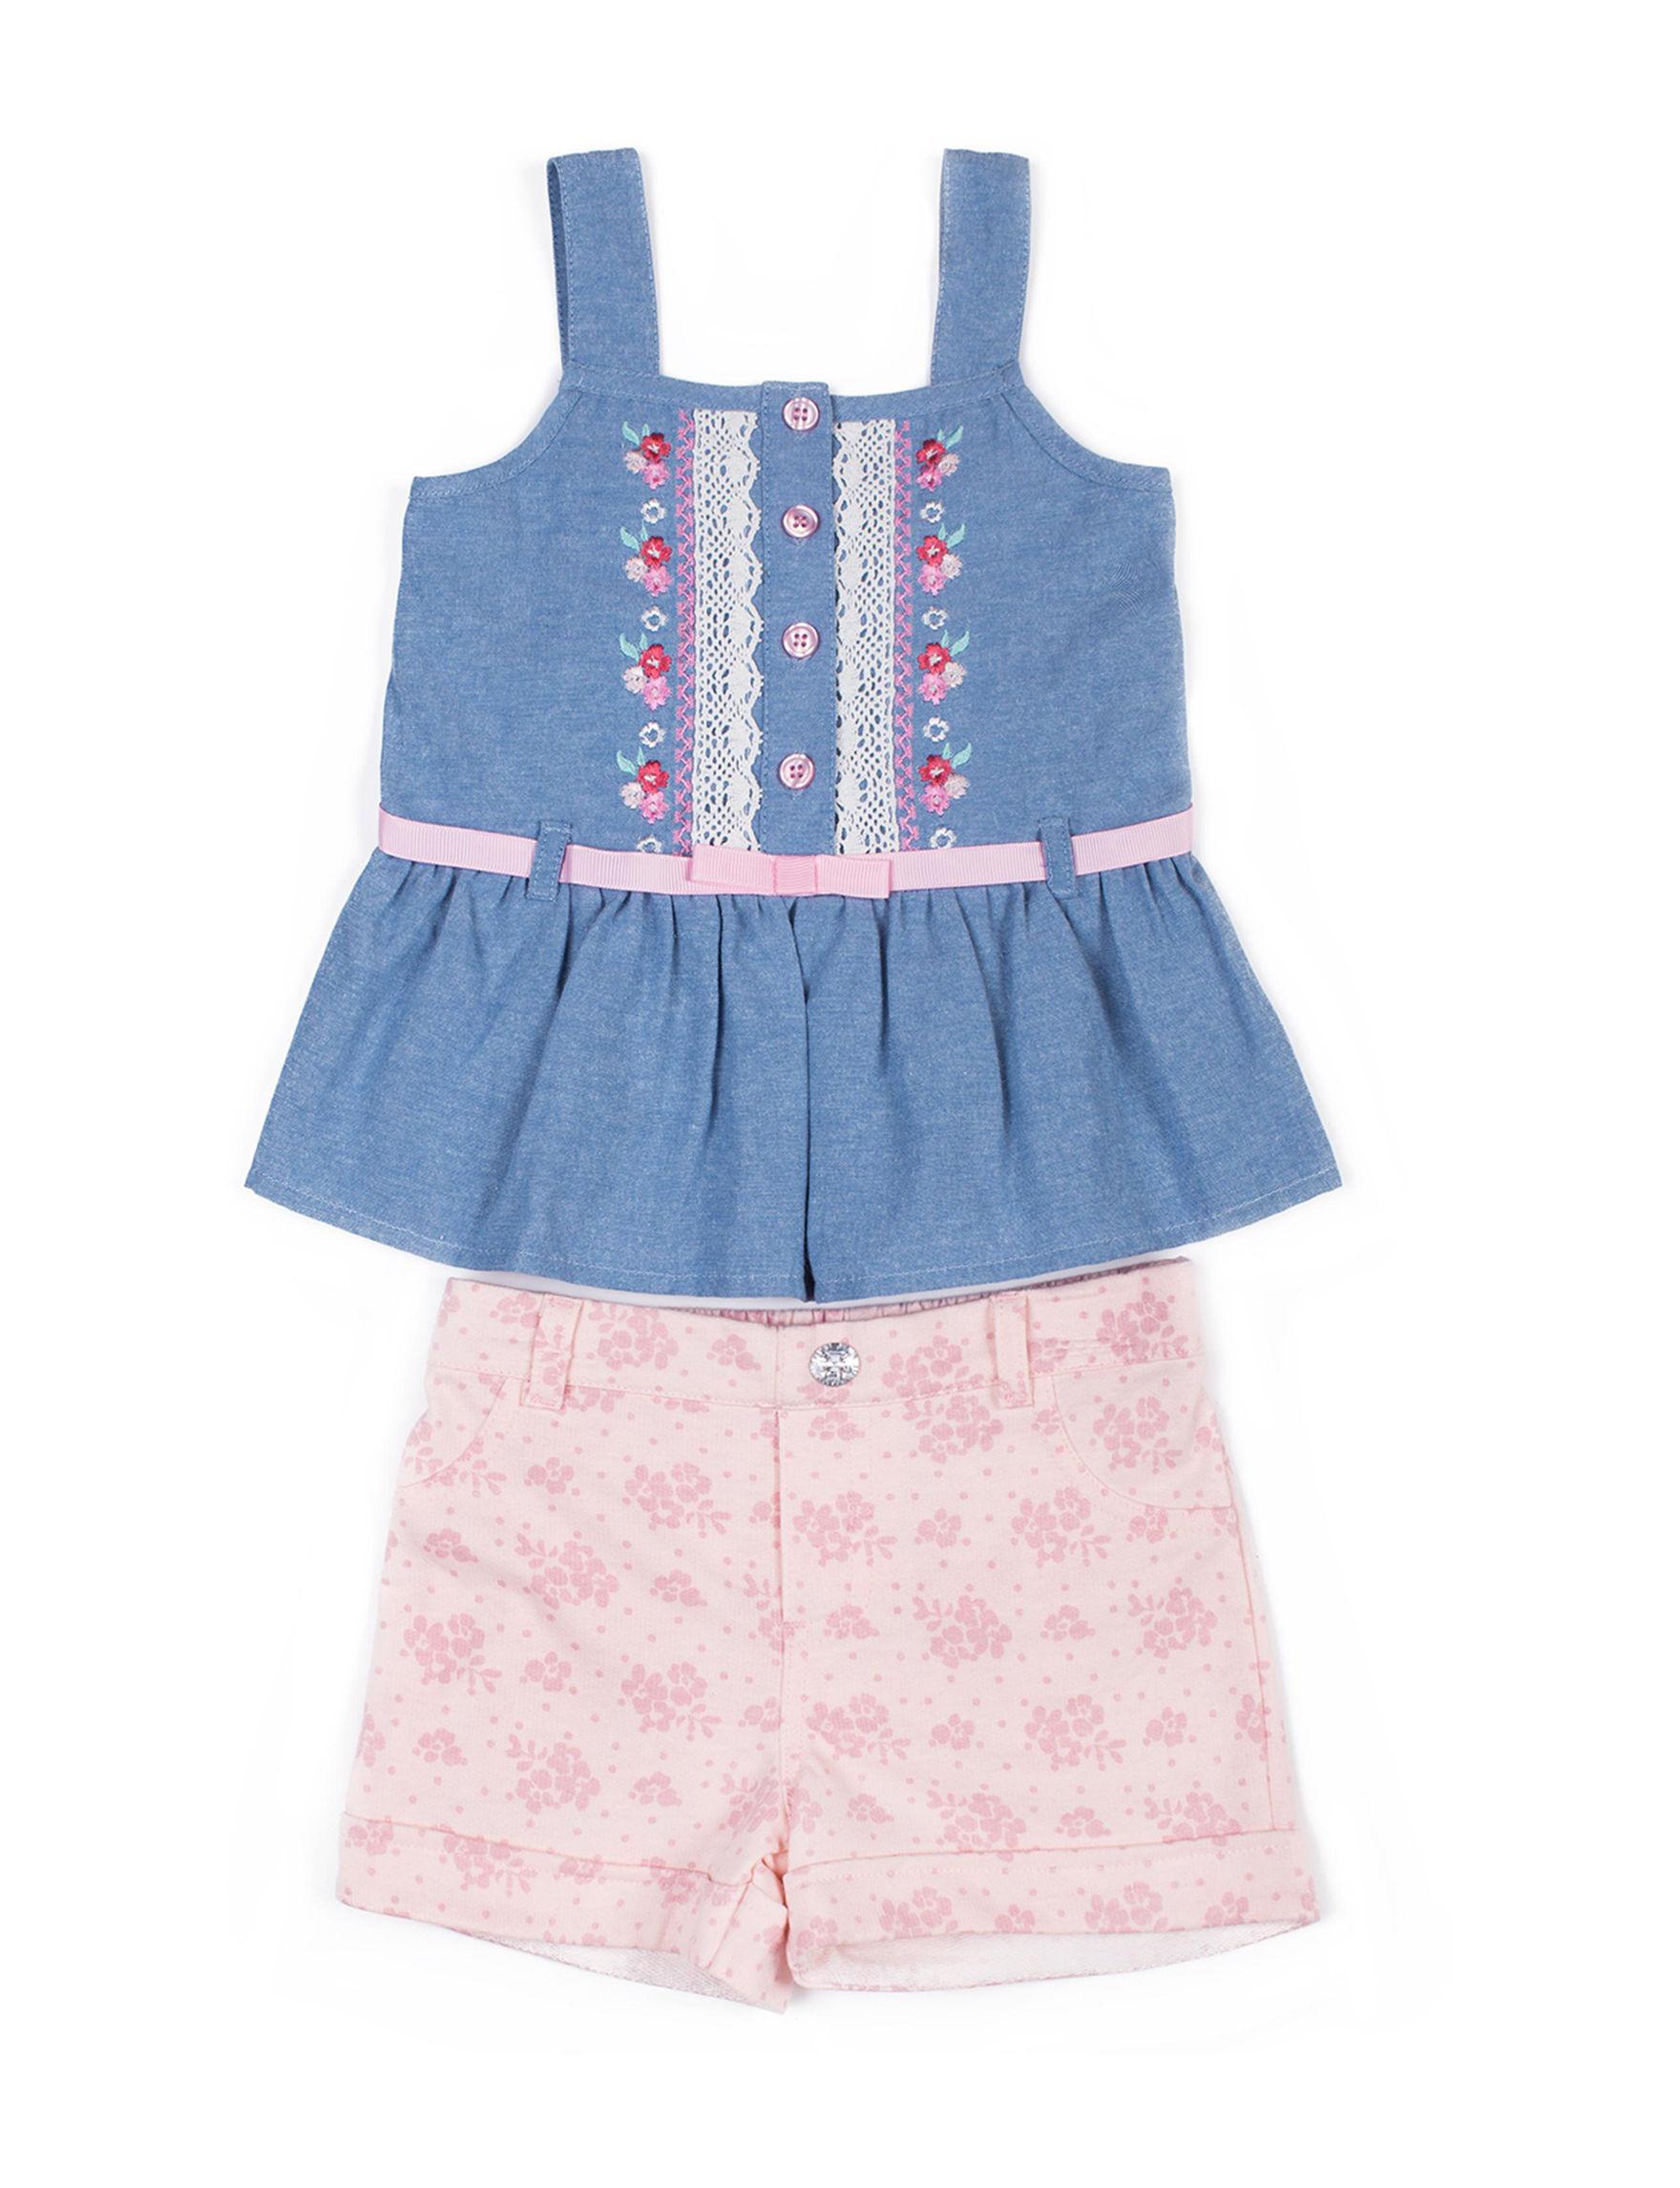 Little Lass Chambray Soft Shorts